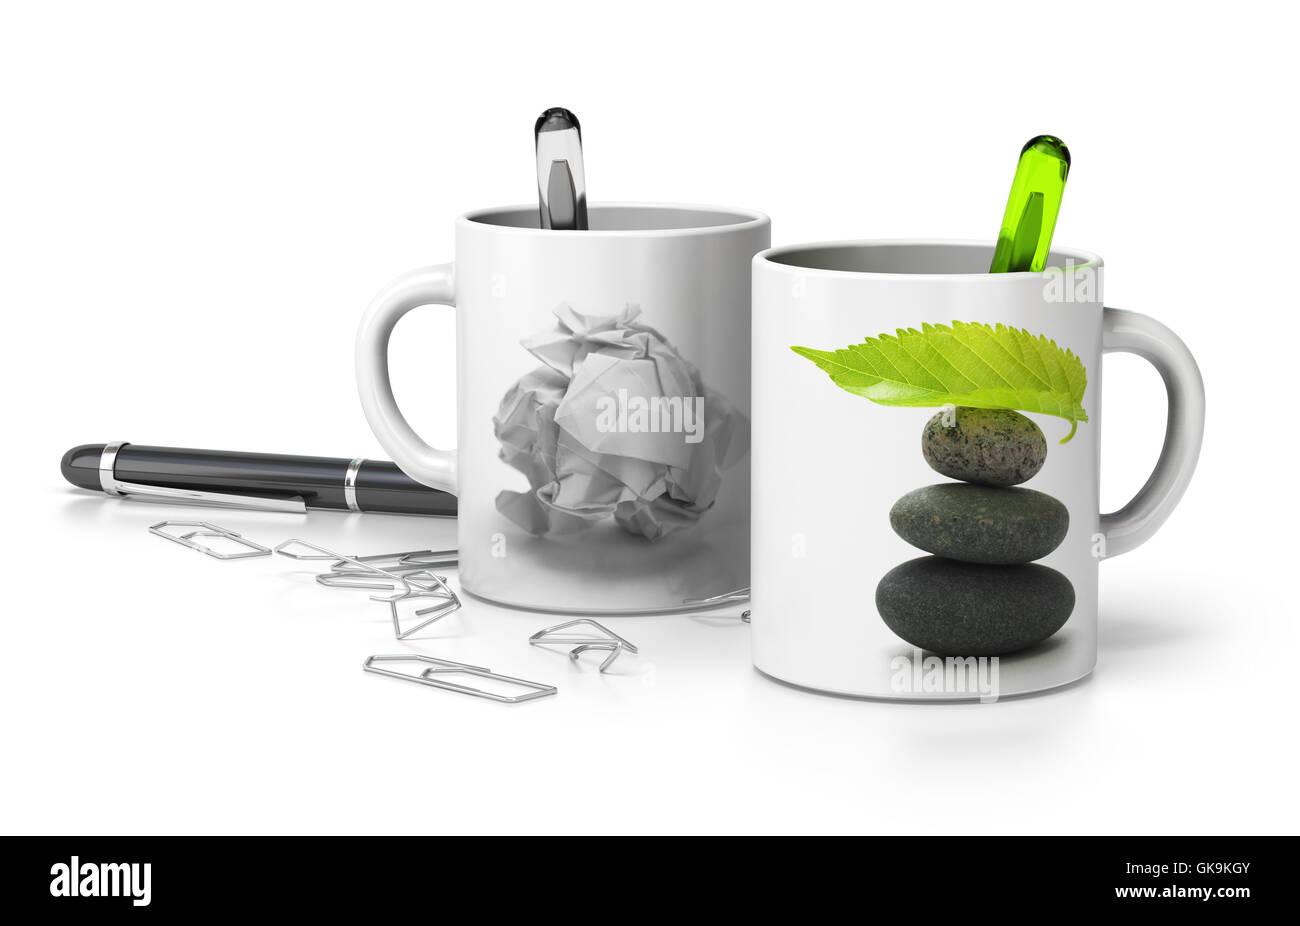 office shine shines - Stock Image